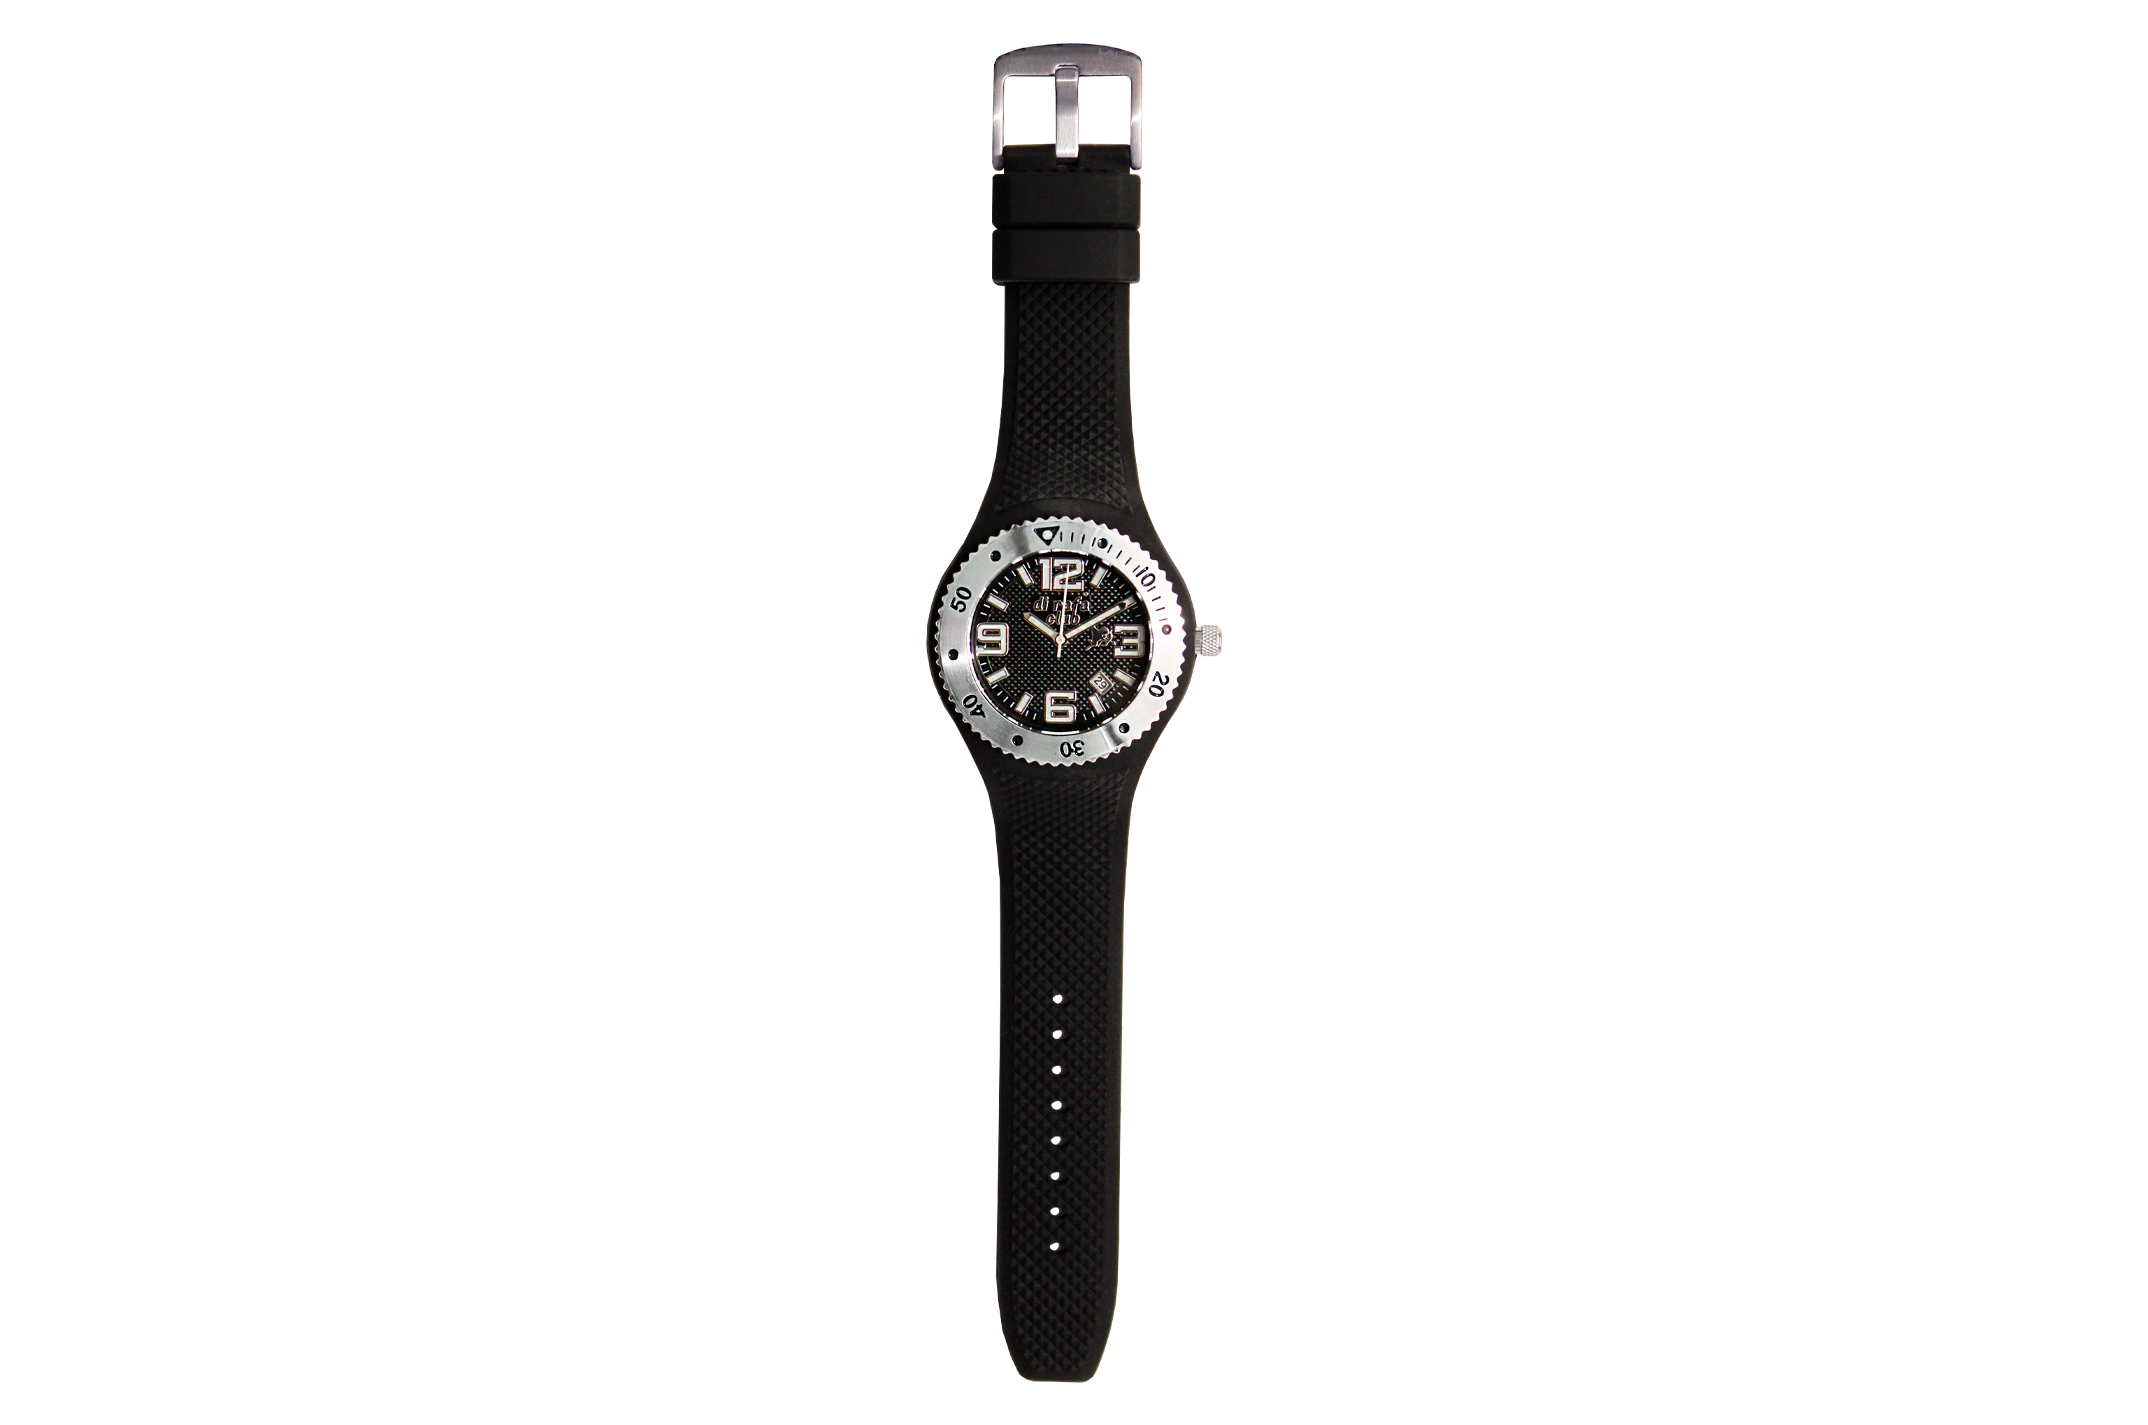 Joia: relógio com ponteiros brancos;Mecanismo: analógico;Tipo fecho:fivela;Material relógio: aço;Material bracelete: silicone;Diâmetro: 41 mm;Largura bracelete: 26 mm;Cor caixa: preto;Cor mostrador: preto;Género: unisexo